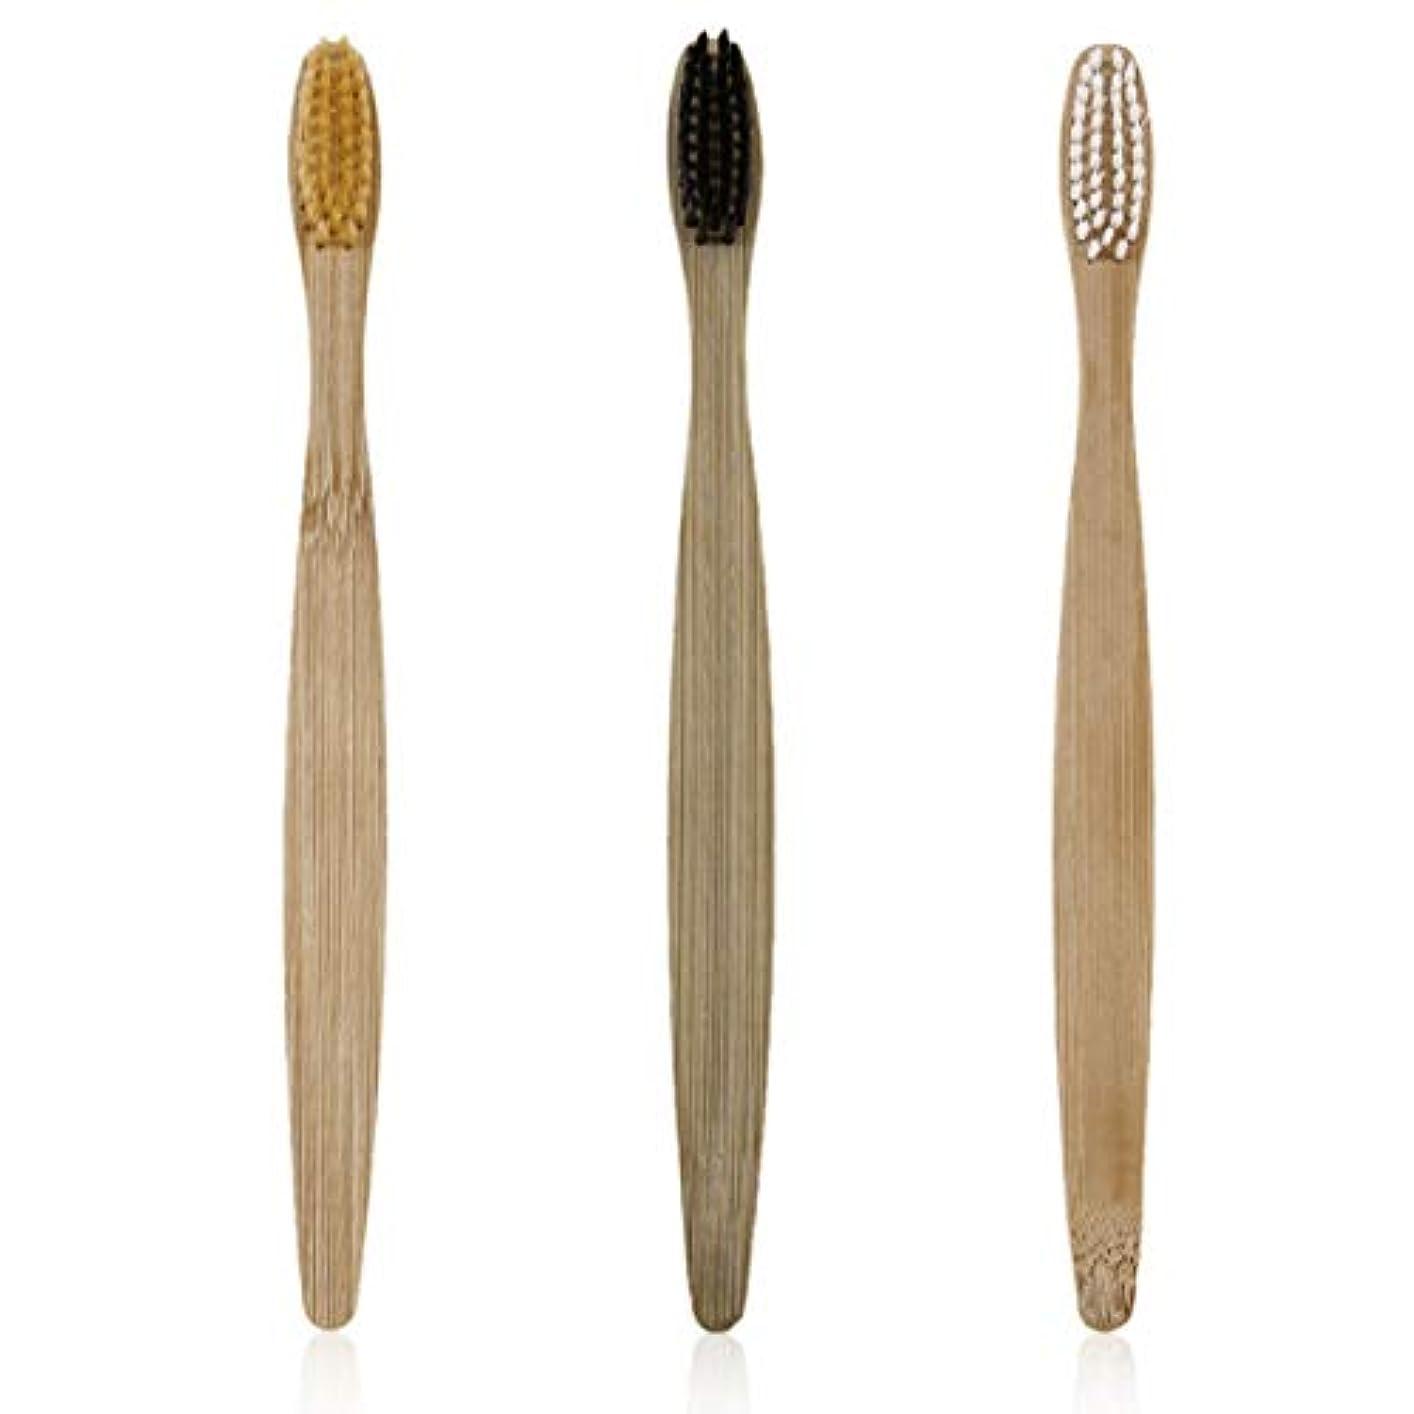 味付け穏やかな喜ぶ3本/セット環境に優しい木製の歯ブラシ竹の歯ブラシ柔らかい竹繊維の木製のハンドル低炭素環境に優しい - ブラック/ホワイト/イエロー